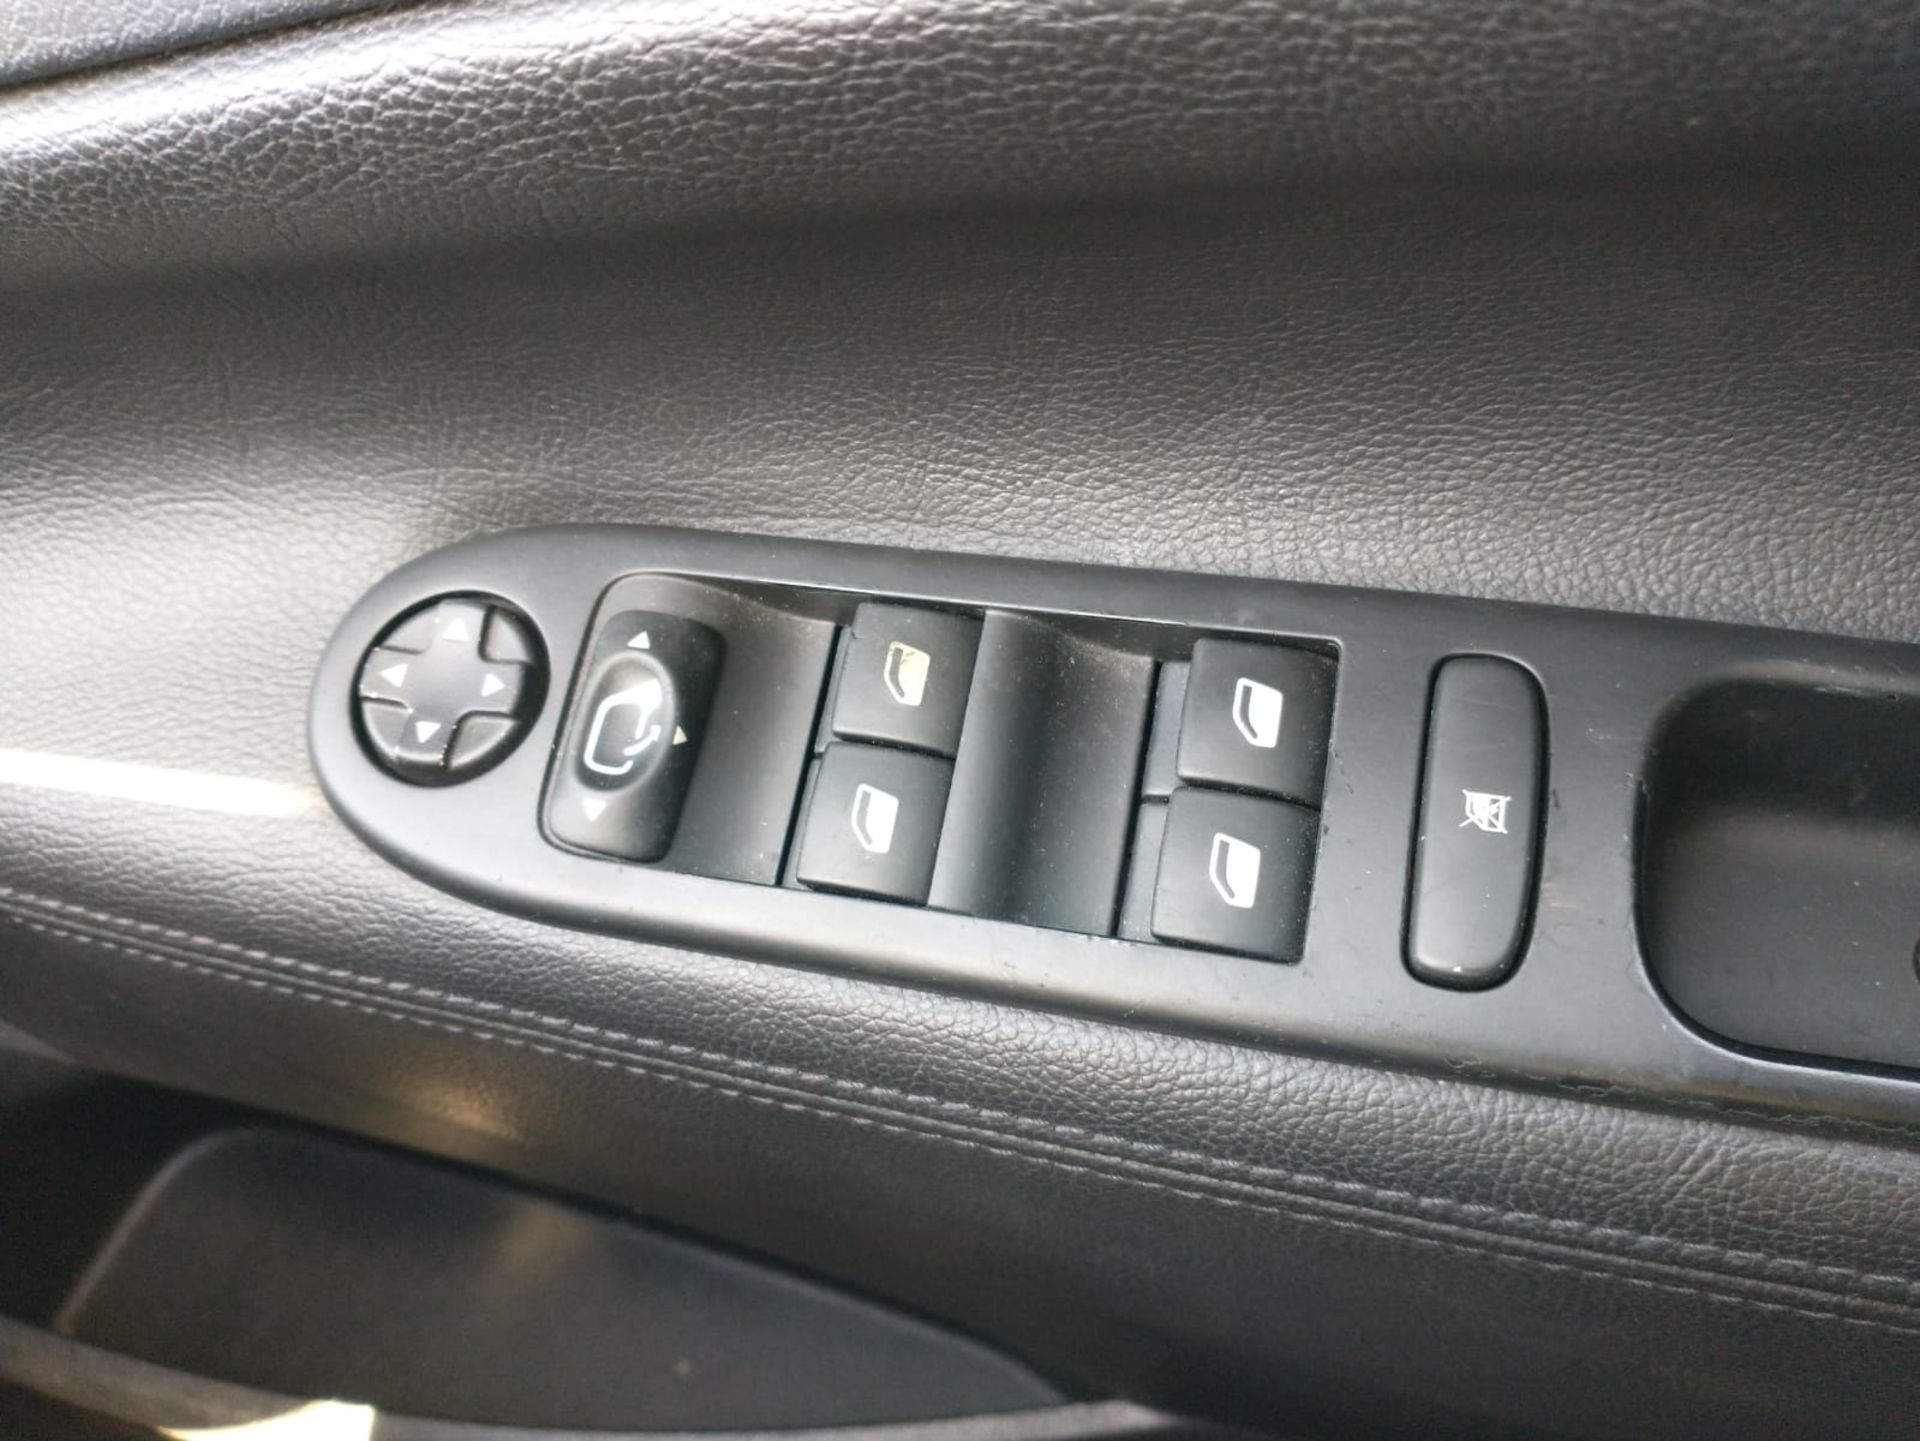 2012 Peugeot 207 Allure 1.6 5DR Hatchback - Image 2 of 16